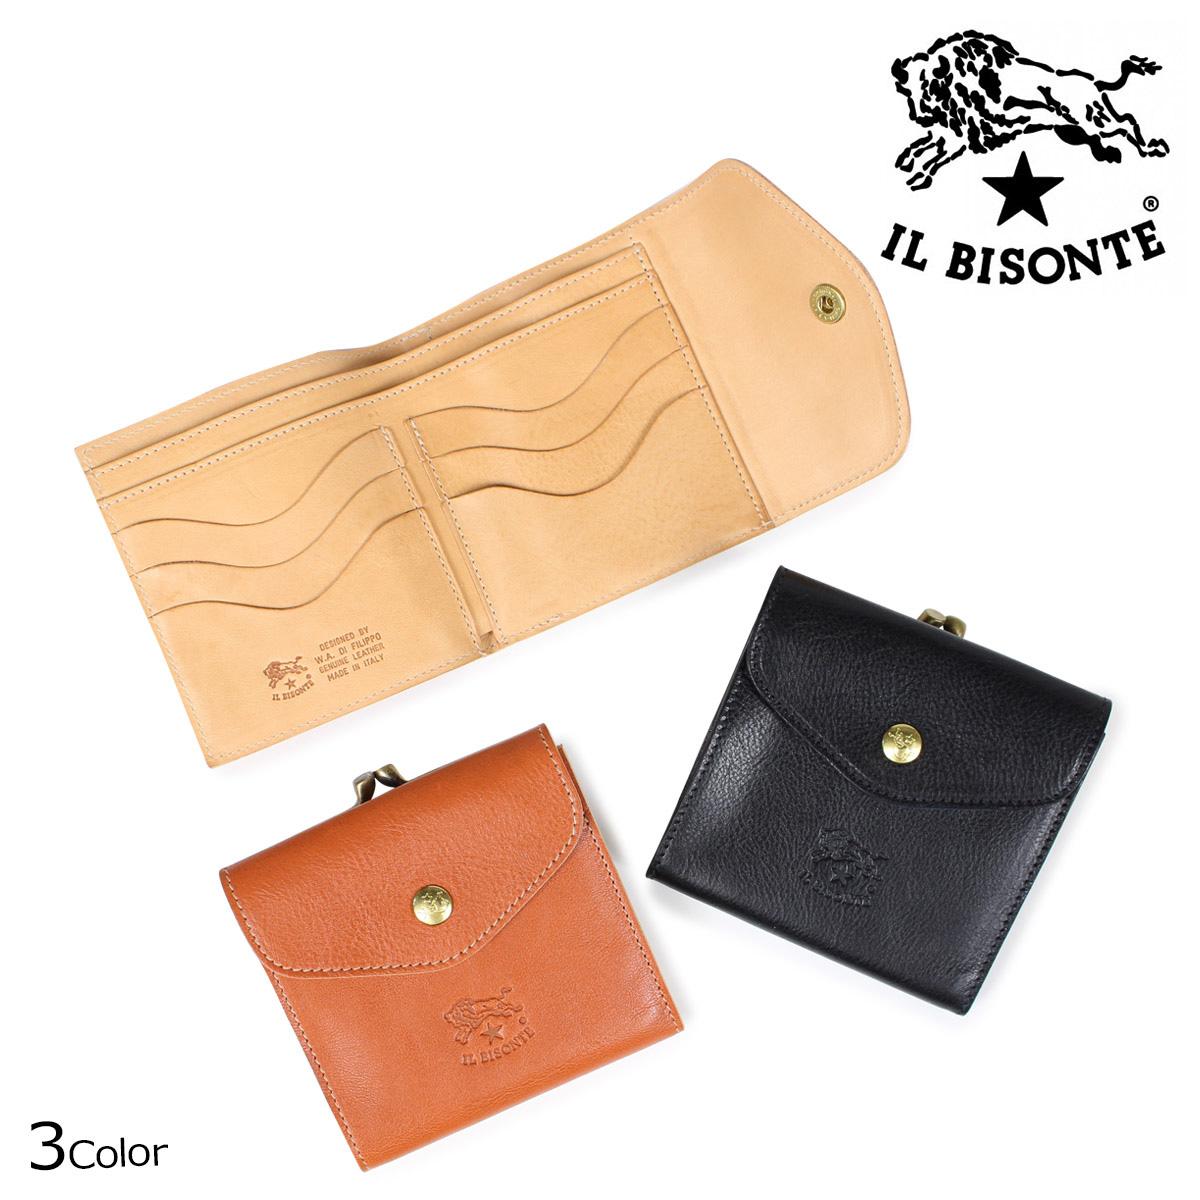 IL BISONTE STANDARD イルビゾンテ 財布 三つ折り メンズ レディース ブラック ベージュ ブラウン C0423 P